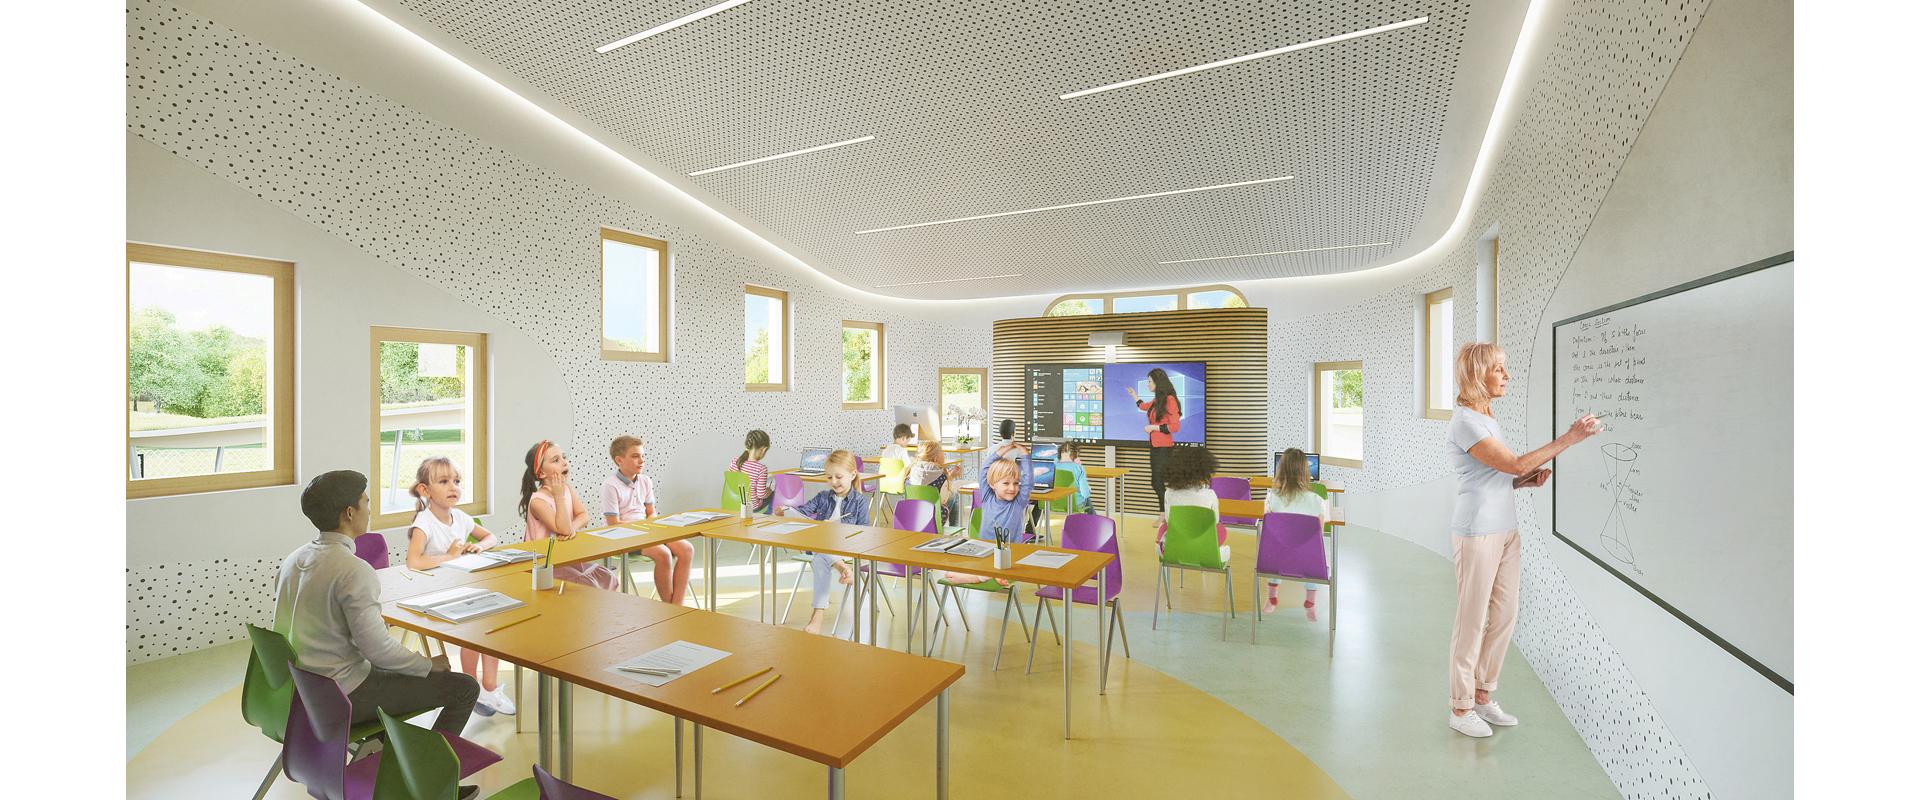 Perspective salle de classe élémentaire groupe scolaire Joly Jean Avignon